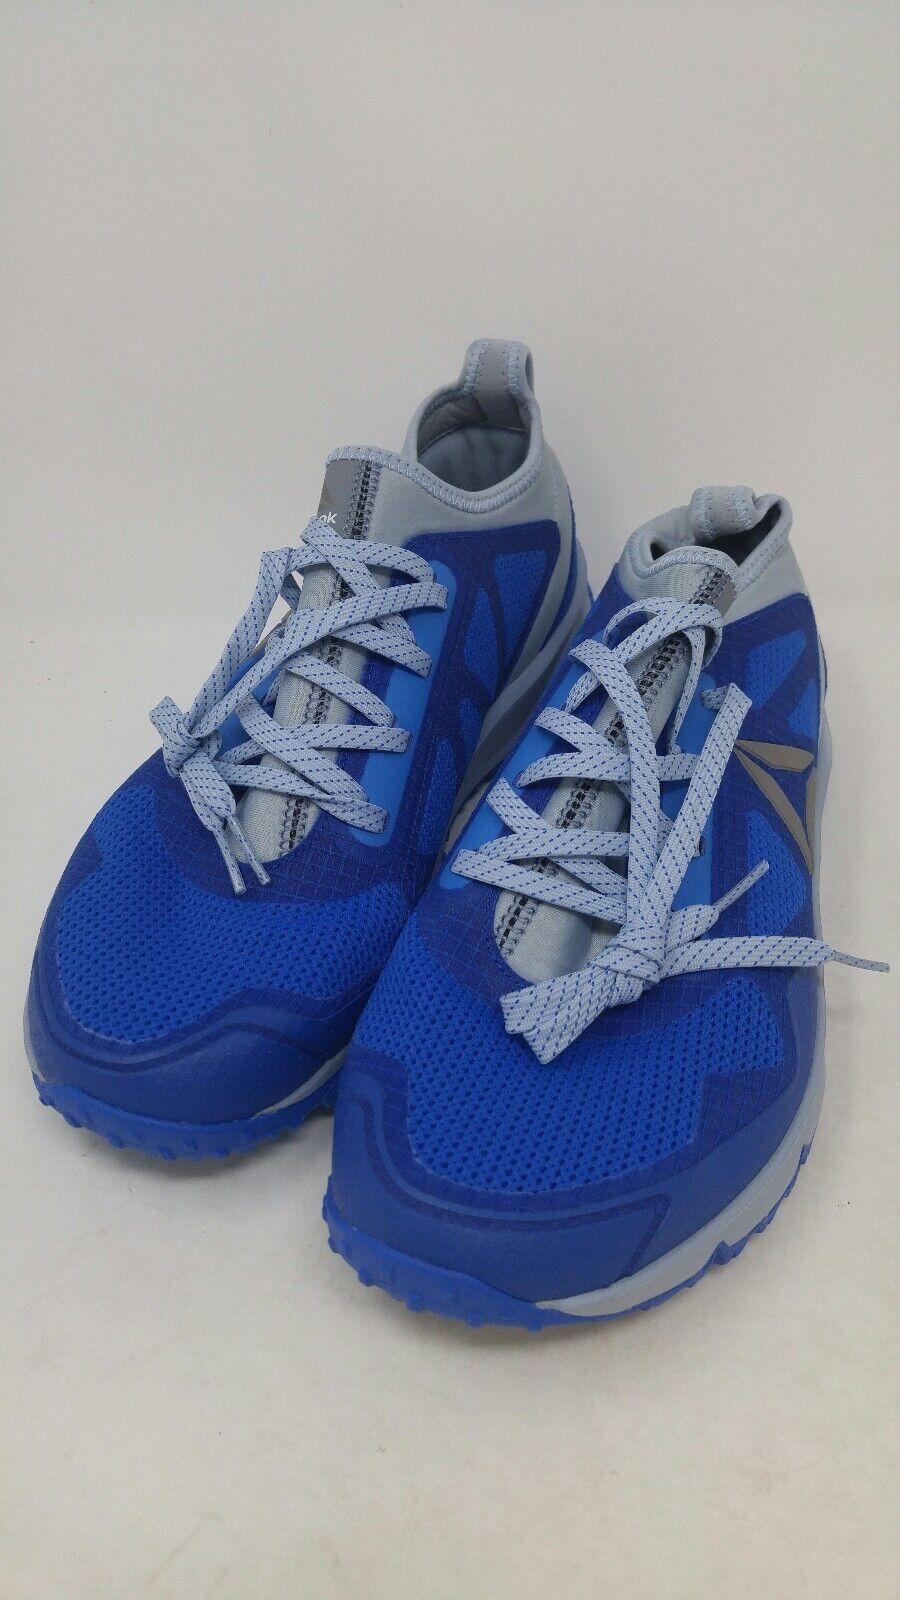 Reebok Men's  all terrain freedom trail runner bluee grey Size 7.5  in stock